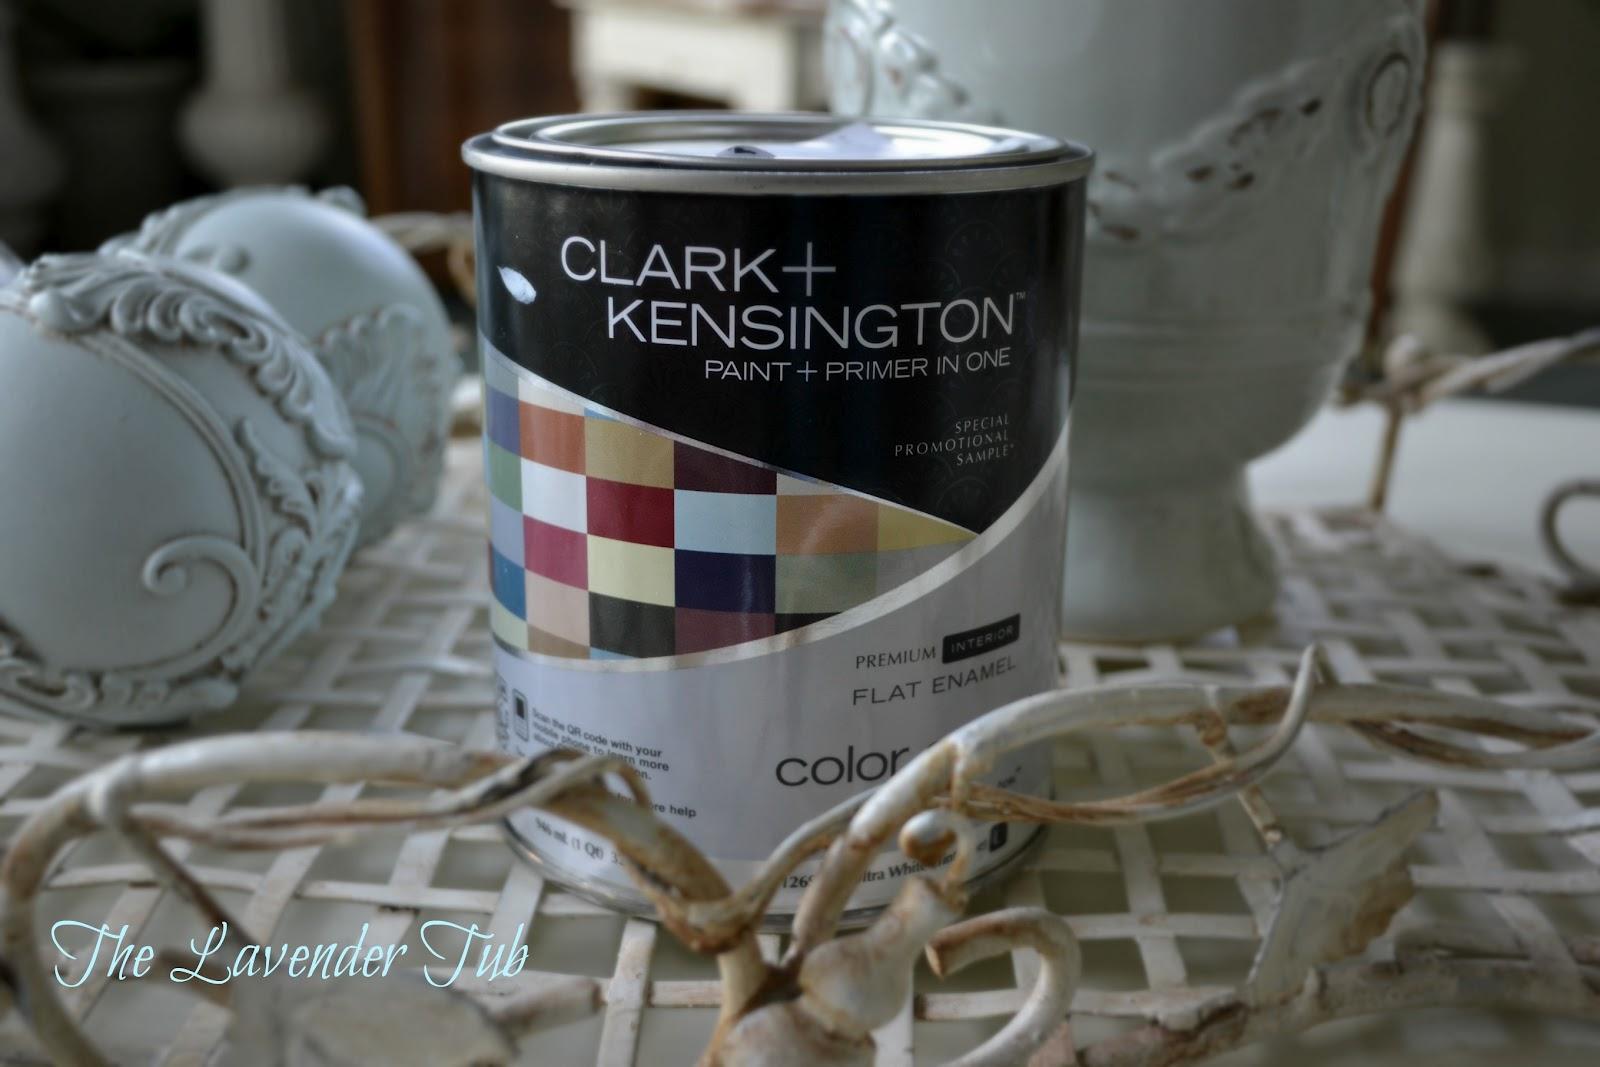 Clark Kensington Paint By Ace Hardware